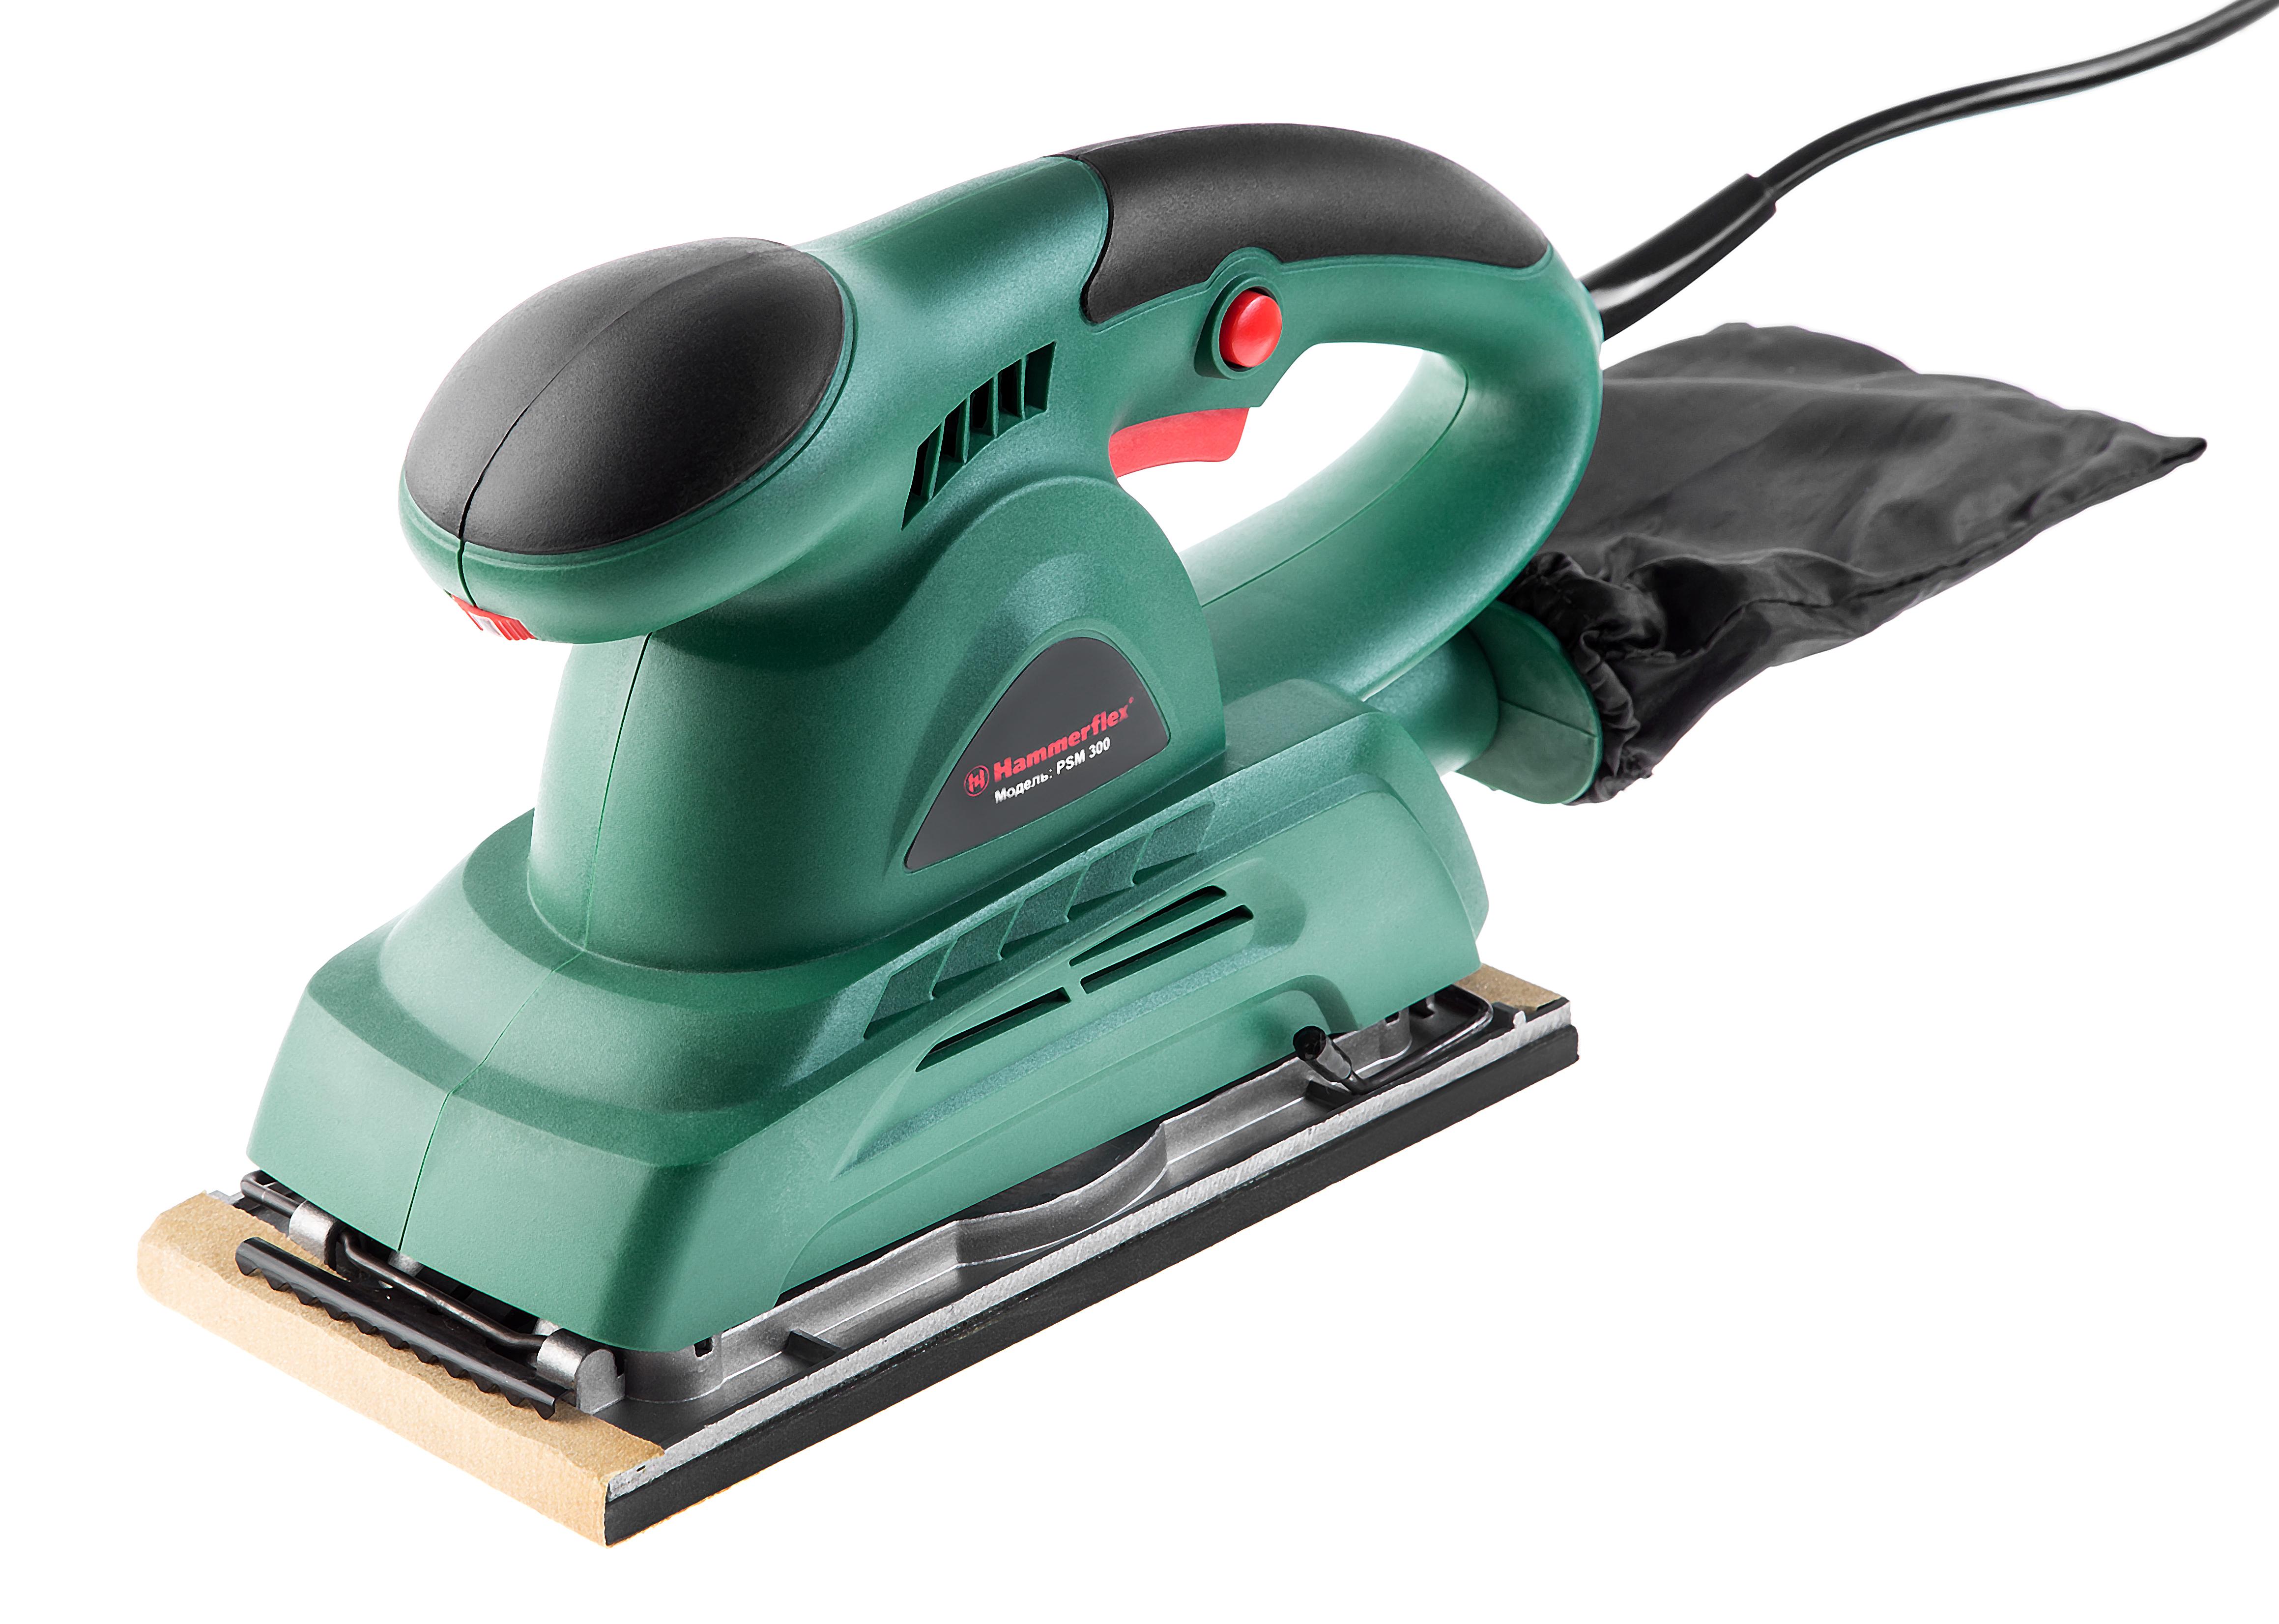 цена на Машинка шлифовальная плоская (вибрационная) Hammer Psm300